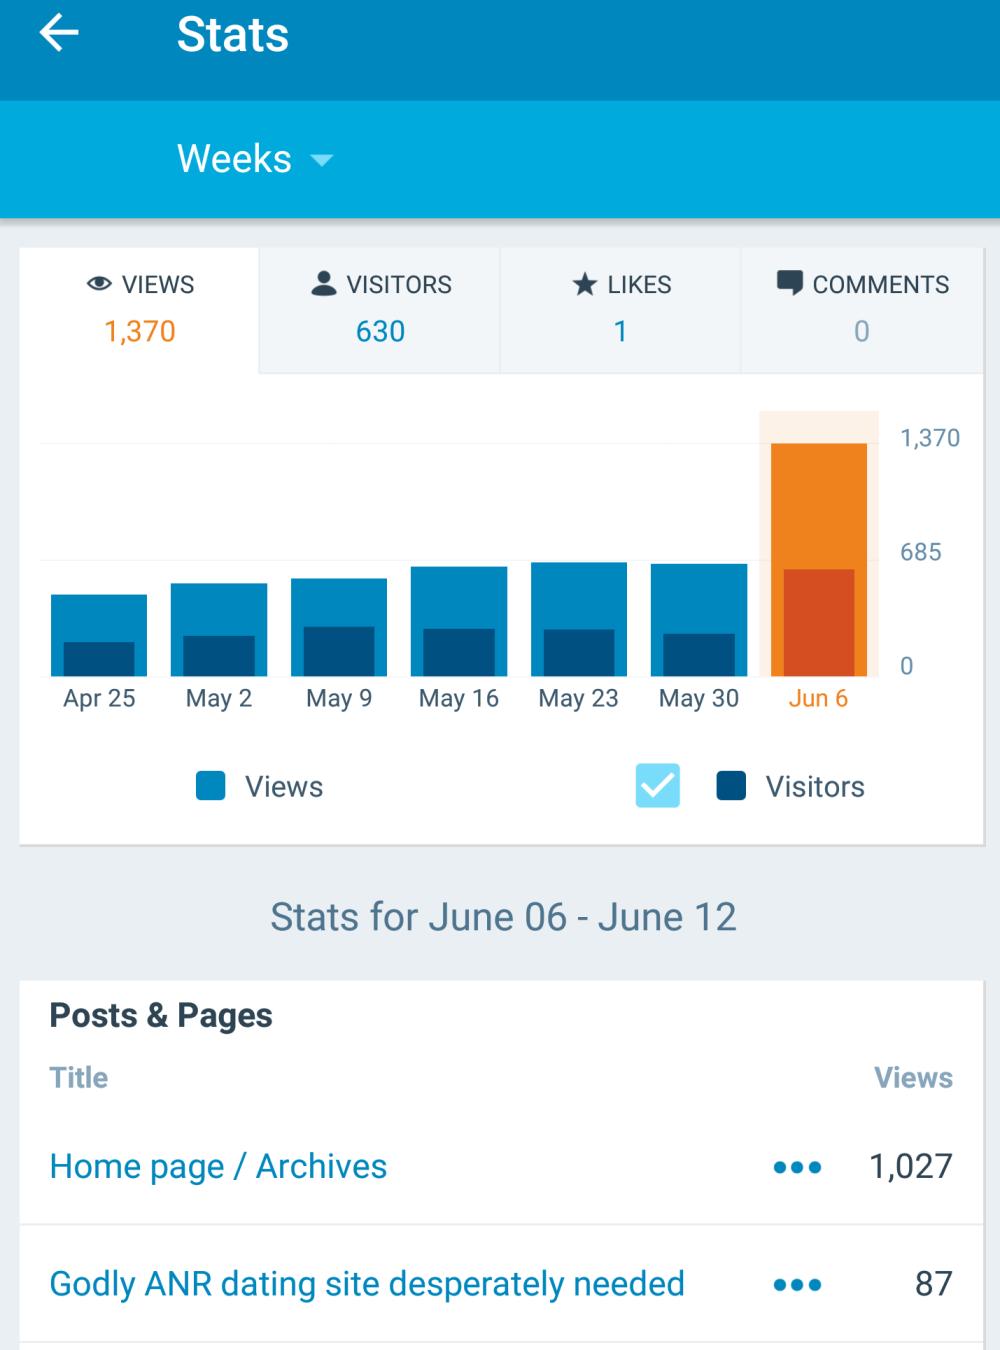 Week of June 8 'viral' upsurge